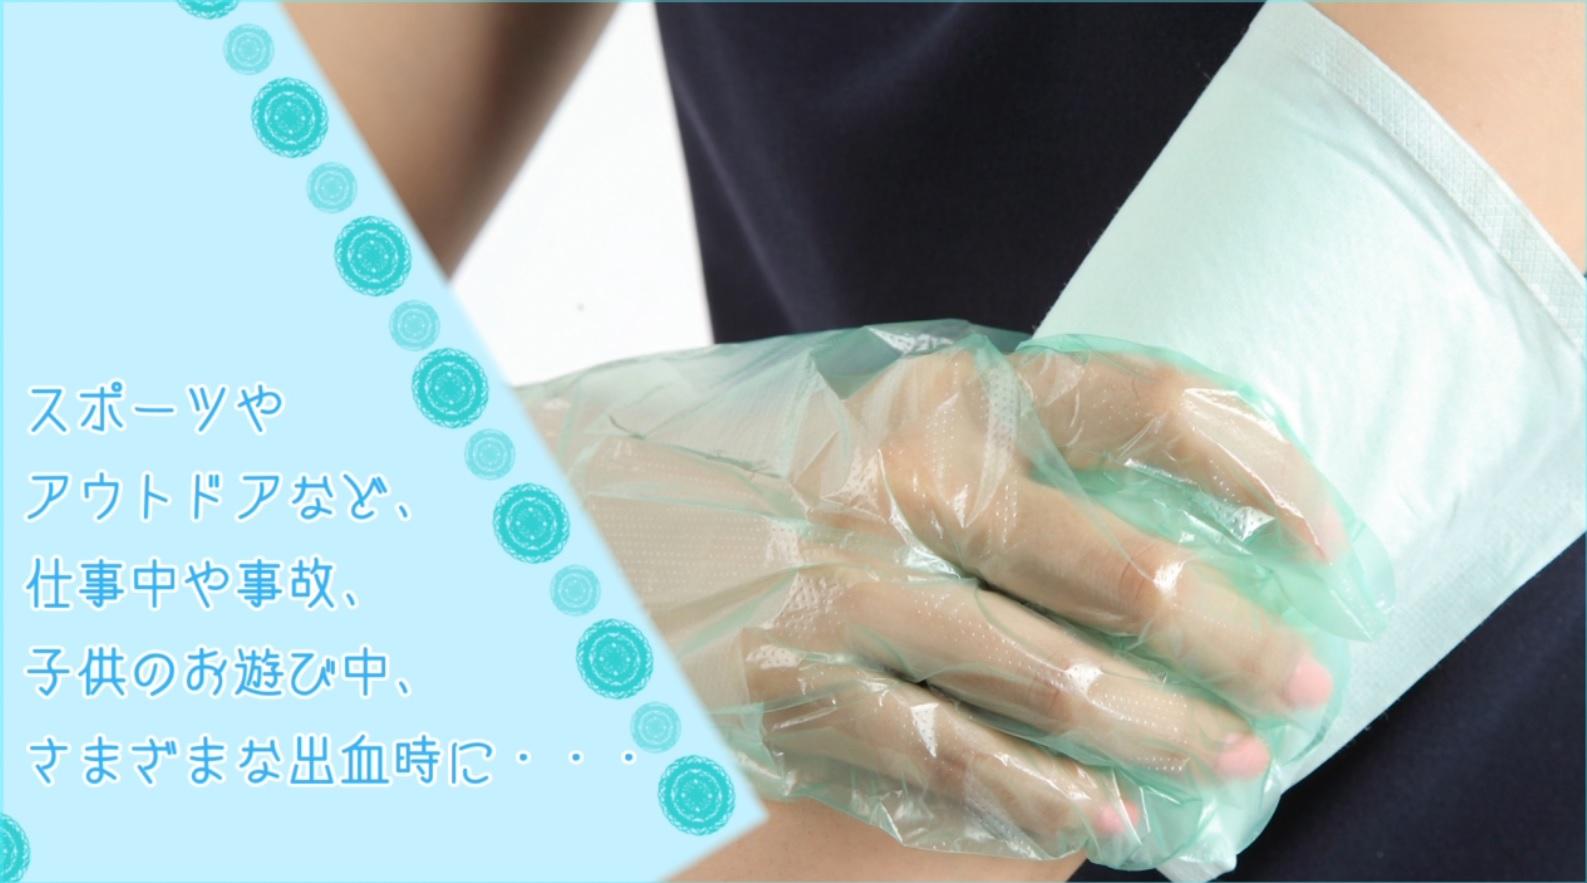 昭和技研 株式会社 応急処置用 止血パッド(小)使い方簡単 緊急止血用品 止血パッド(大)を出血部分に当てる方法の画像